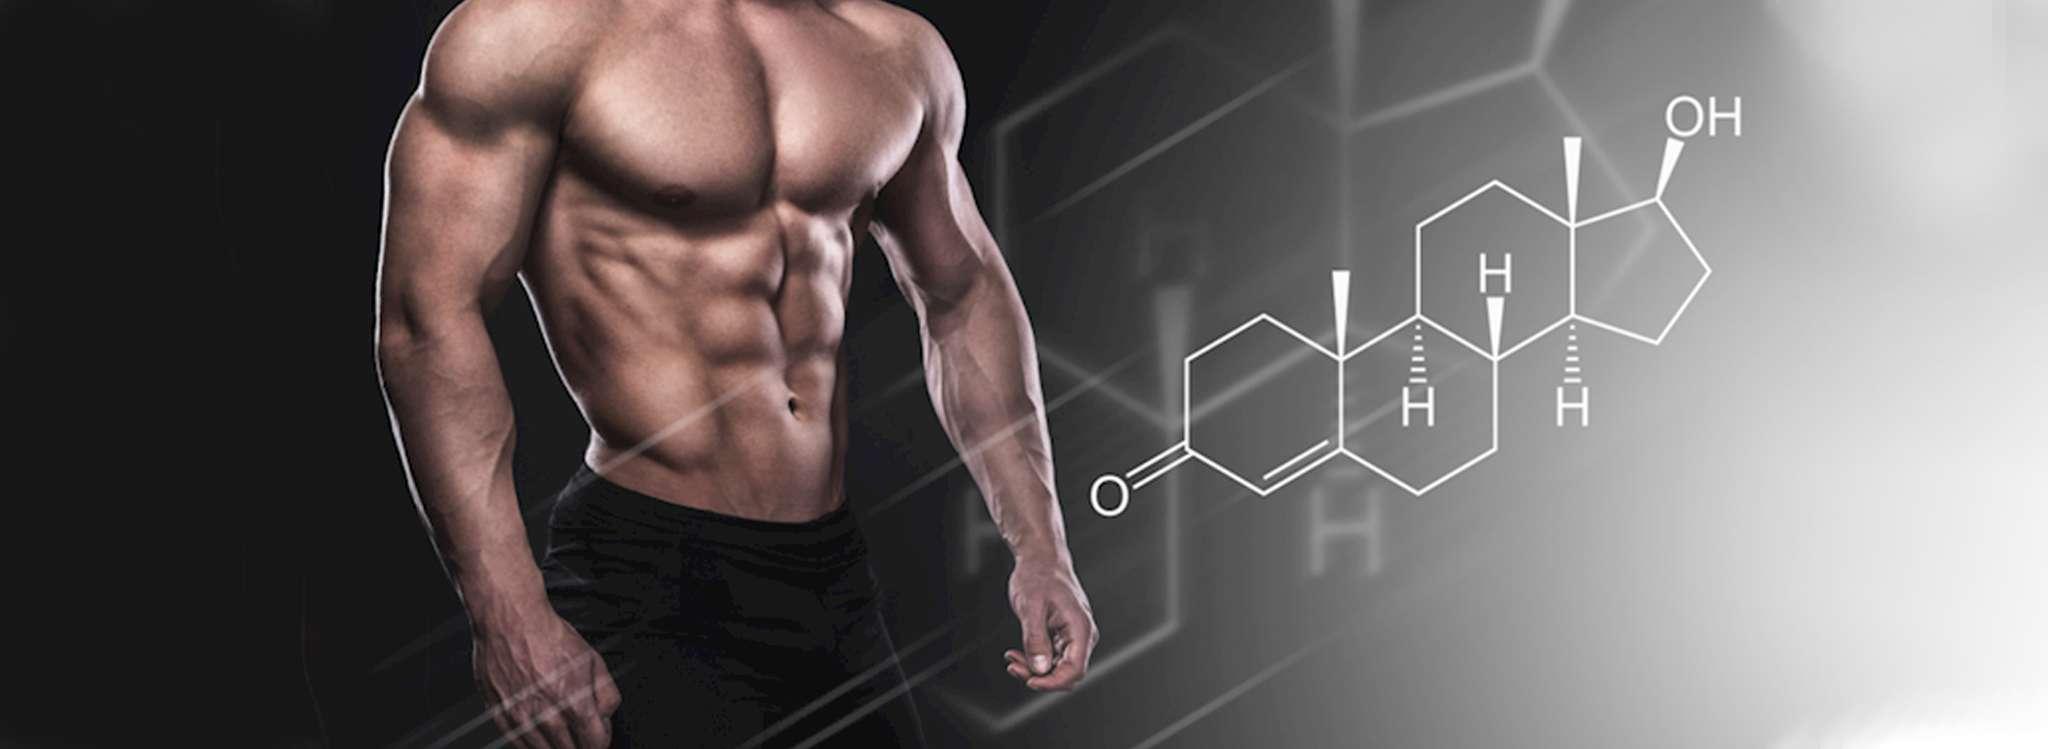 Những tác dụng của Whey Protein với người tập thể hình 6